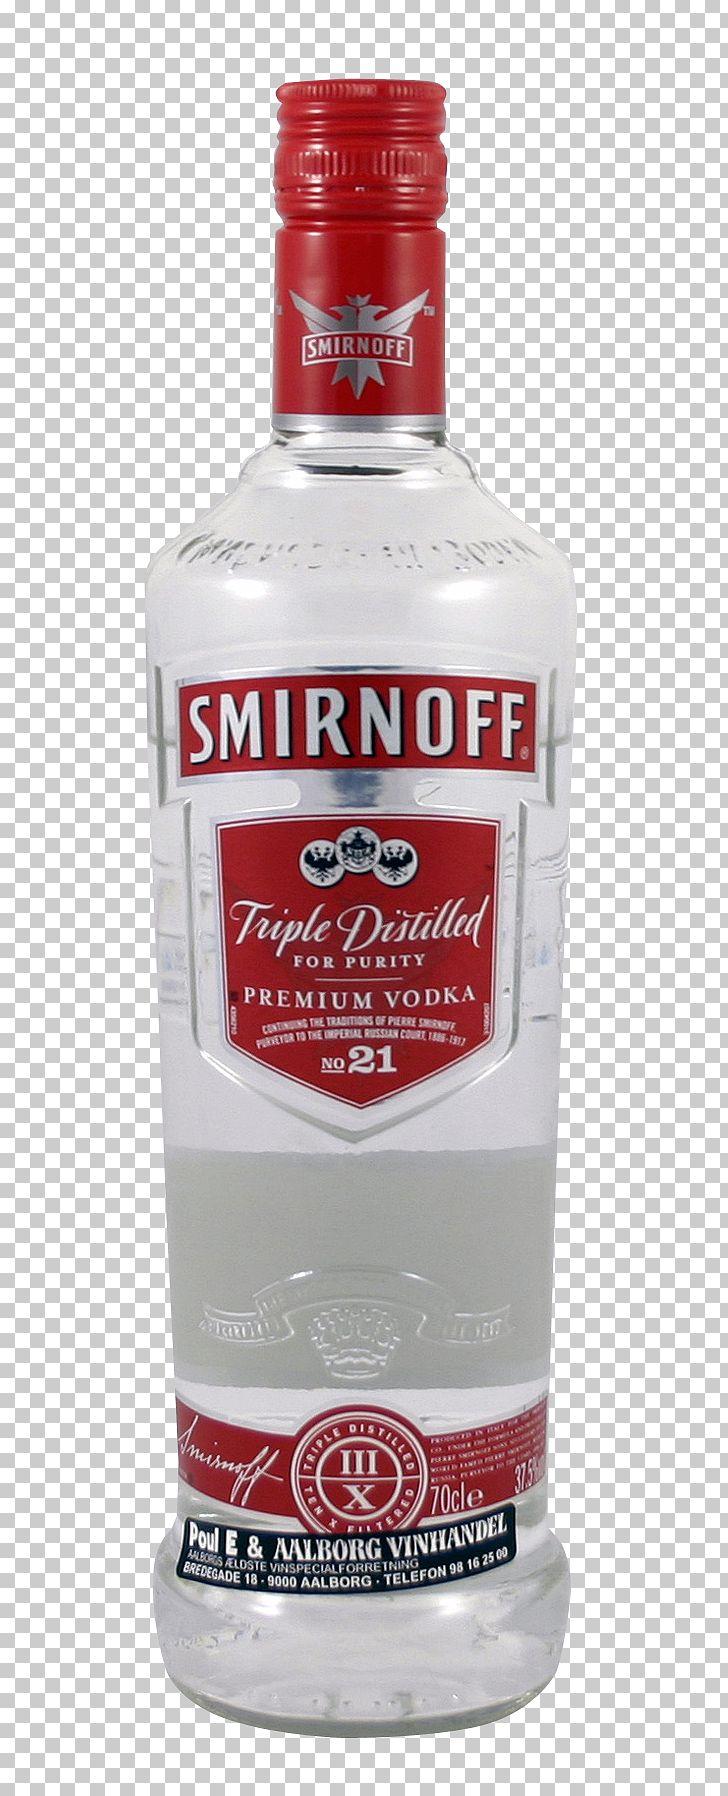 Vodka Distilled Beverage Cocktail Stolichnaya Smirnoff PNG.